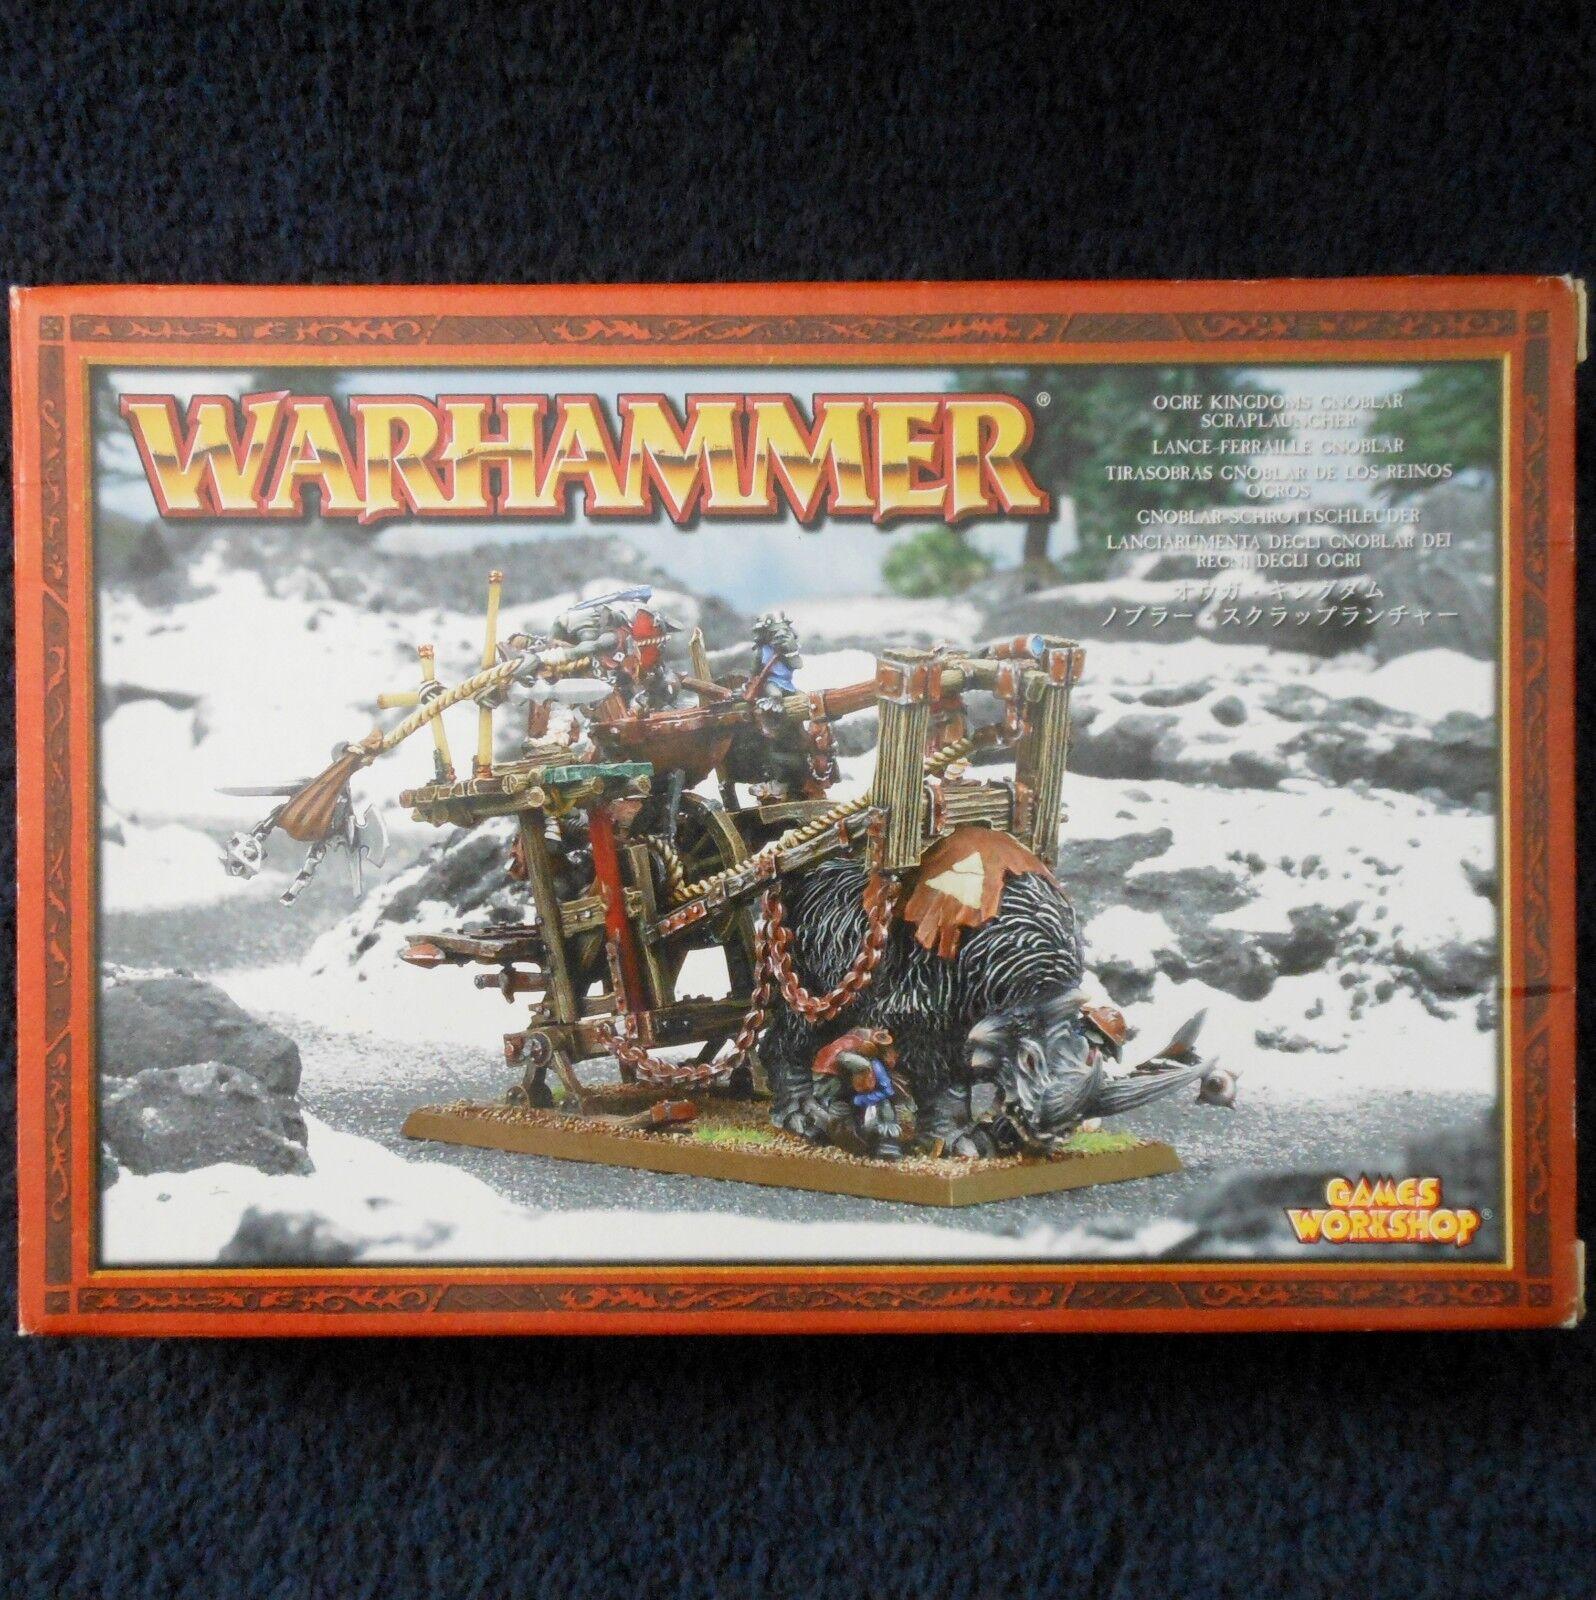 2005 ORCO Regni GNOBLAR scraplauncher WARHAMMER Esercito CITTADELLA Goblin Grojo Nuovo di zecca con scatola